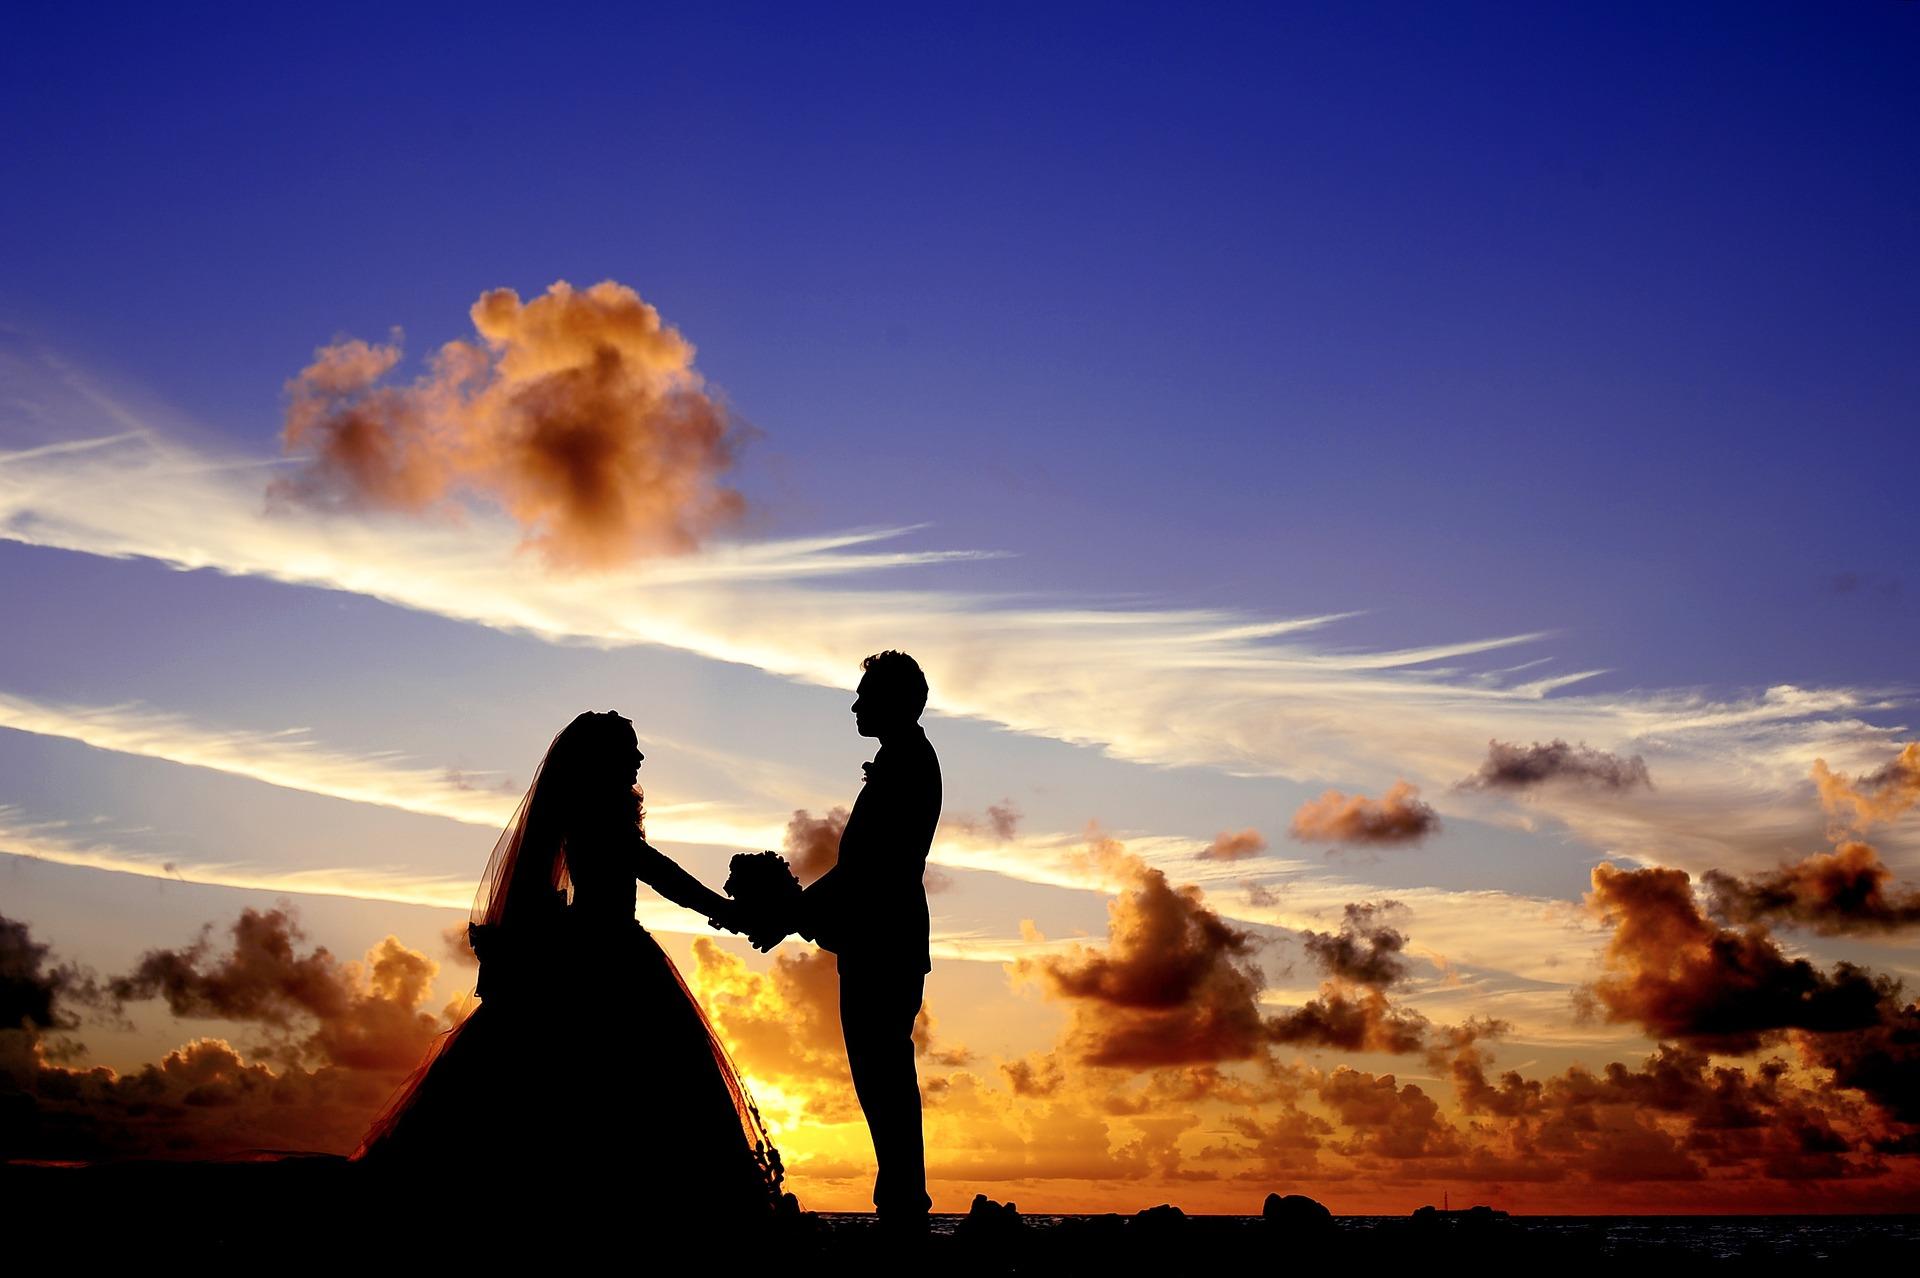 セレブ婚活 幸せな結婚